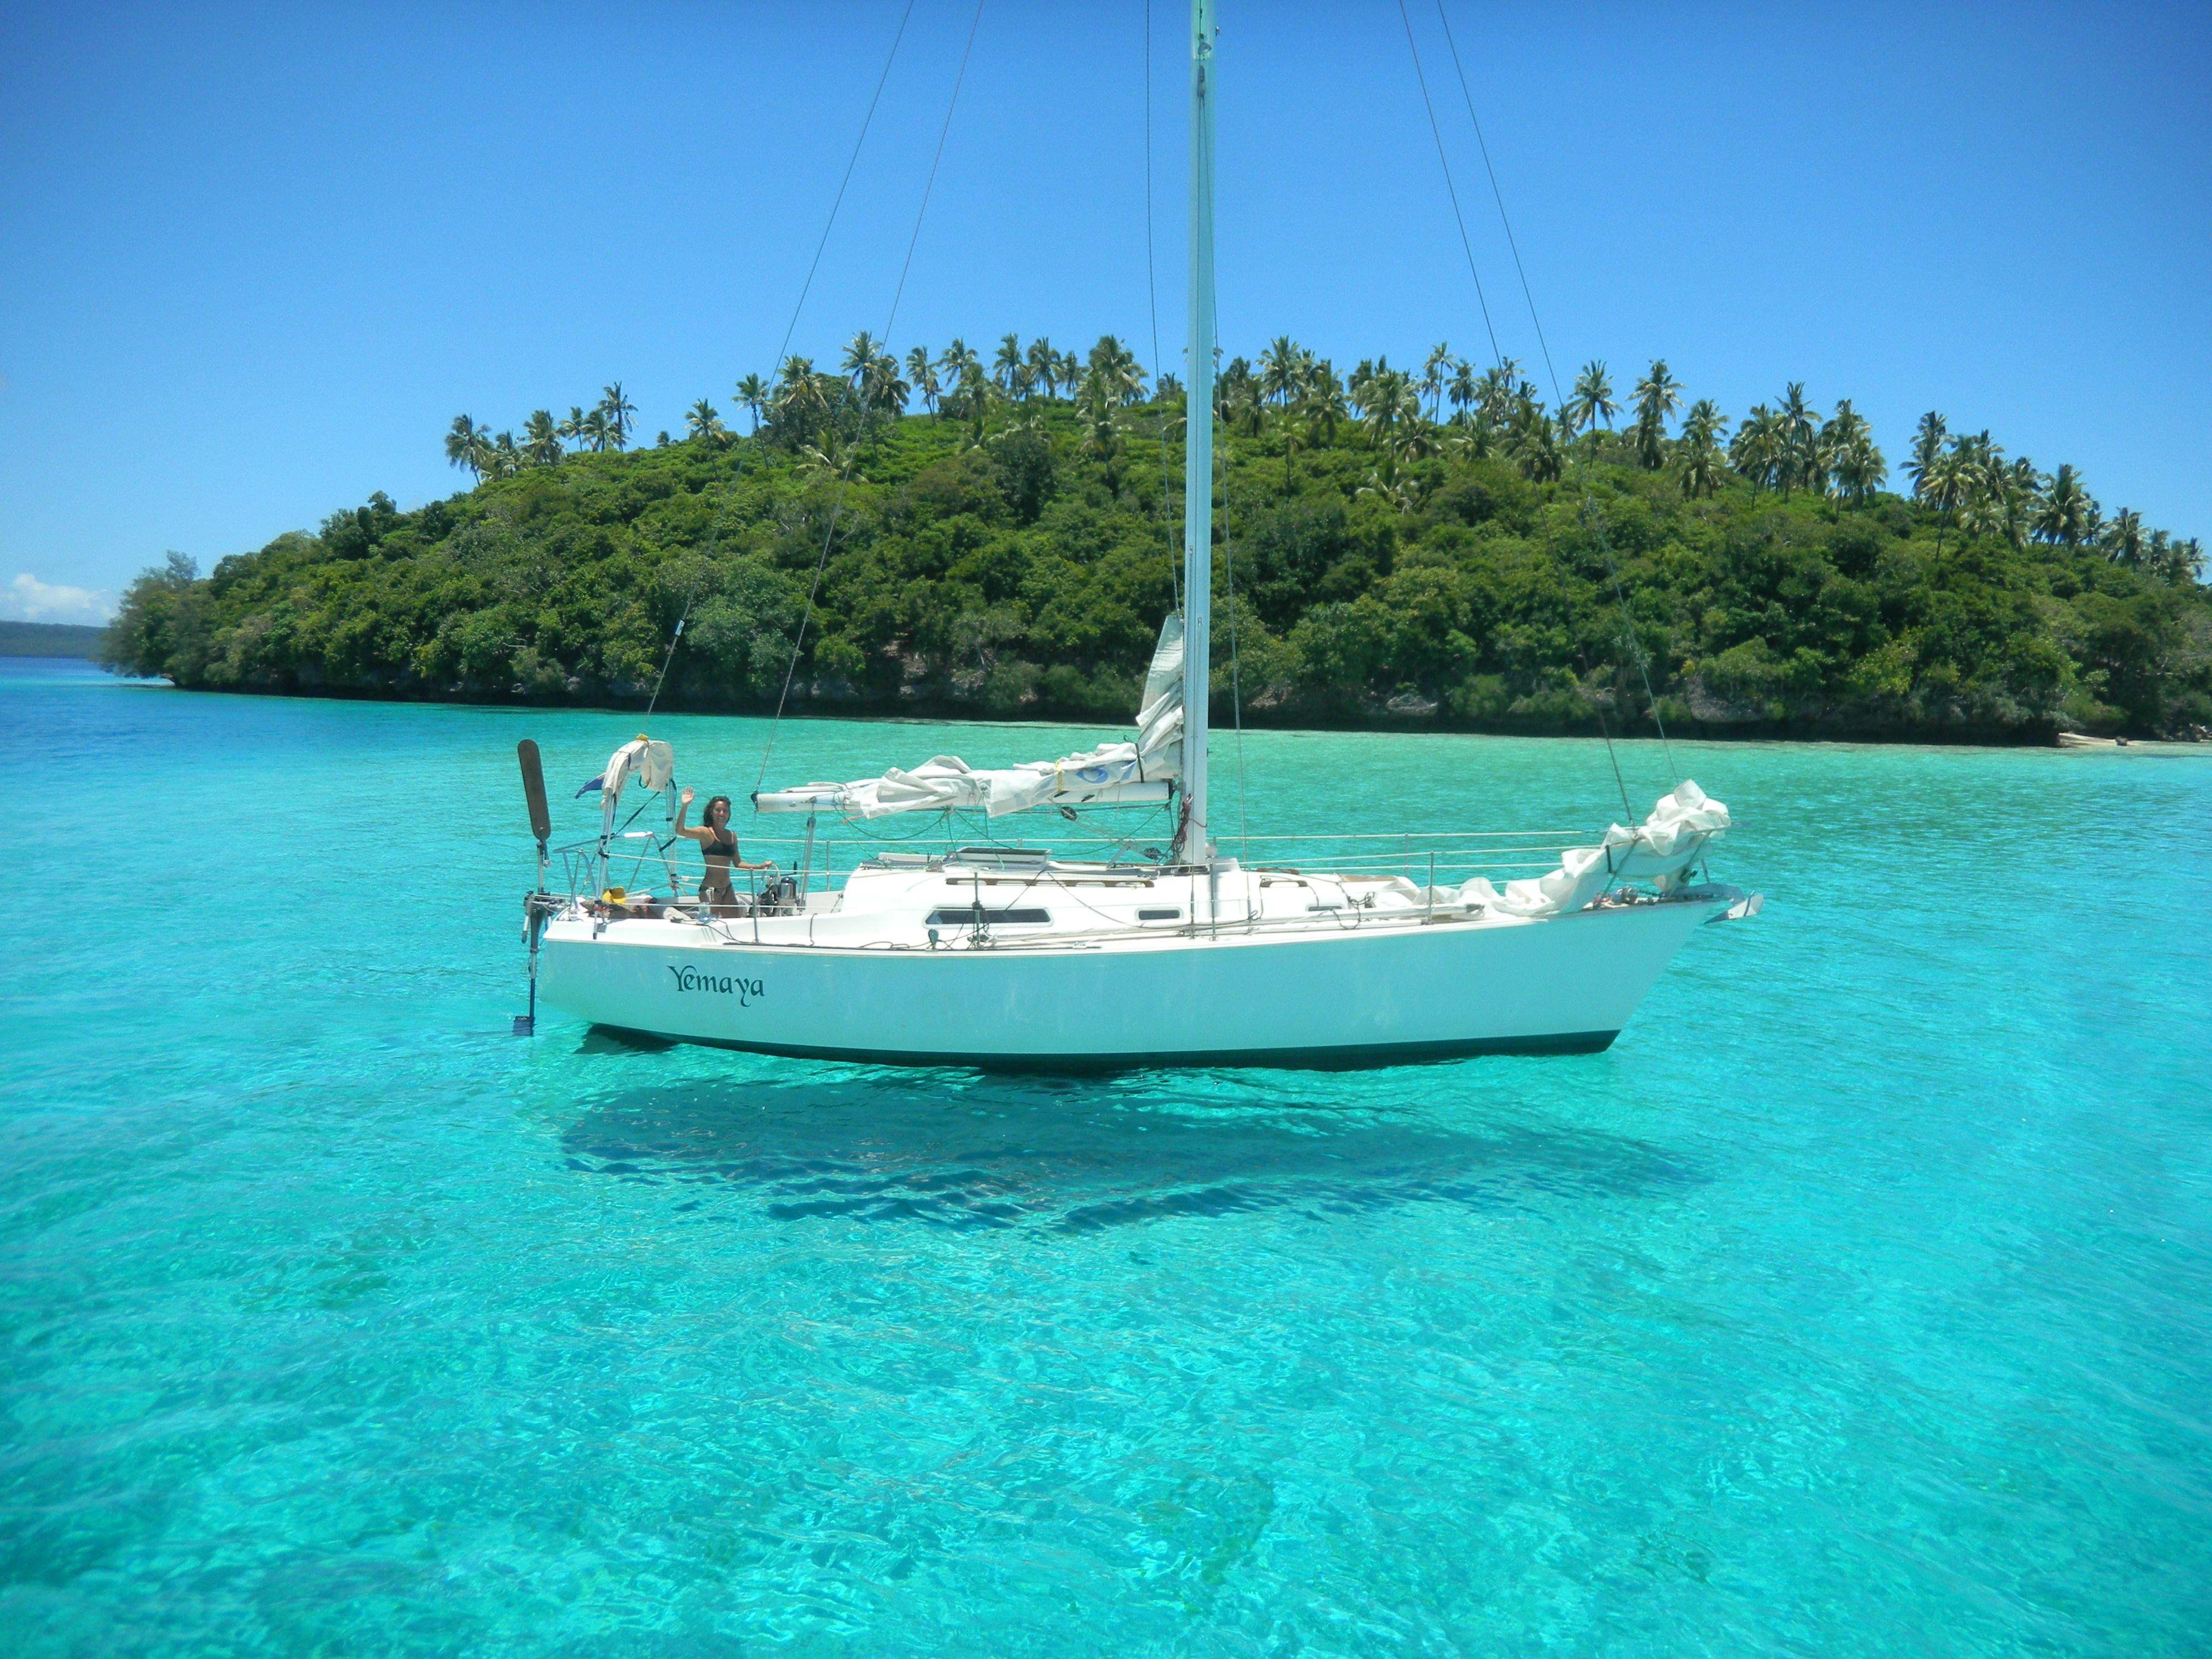 яхта парус море остров  № 3944432 бесплатно